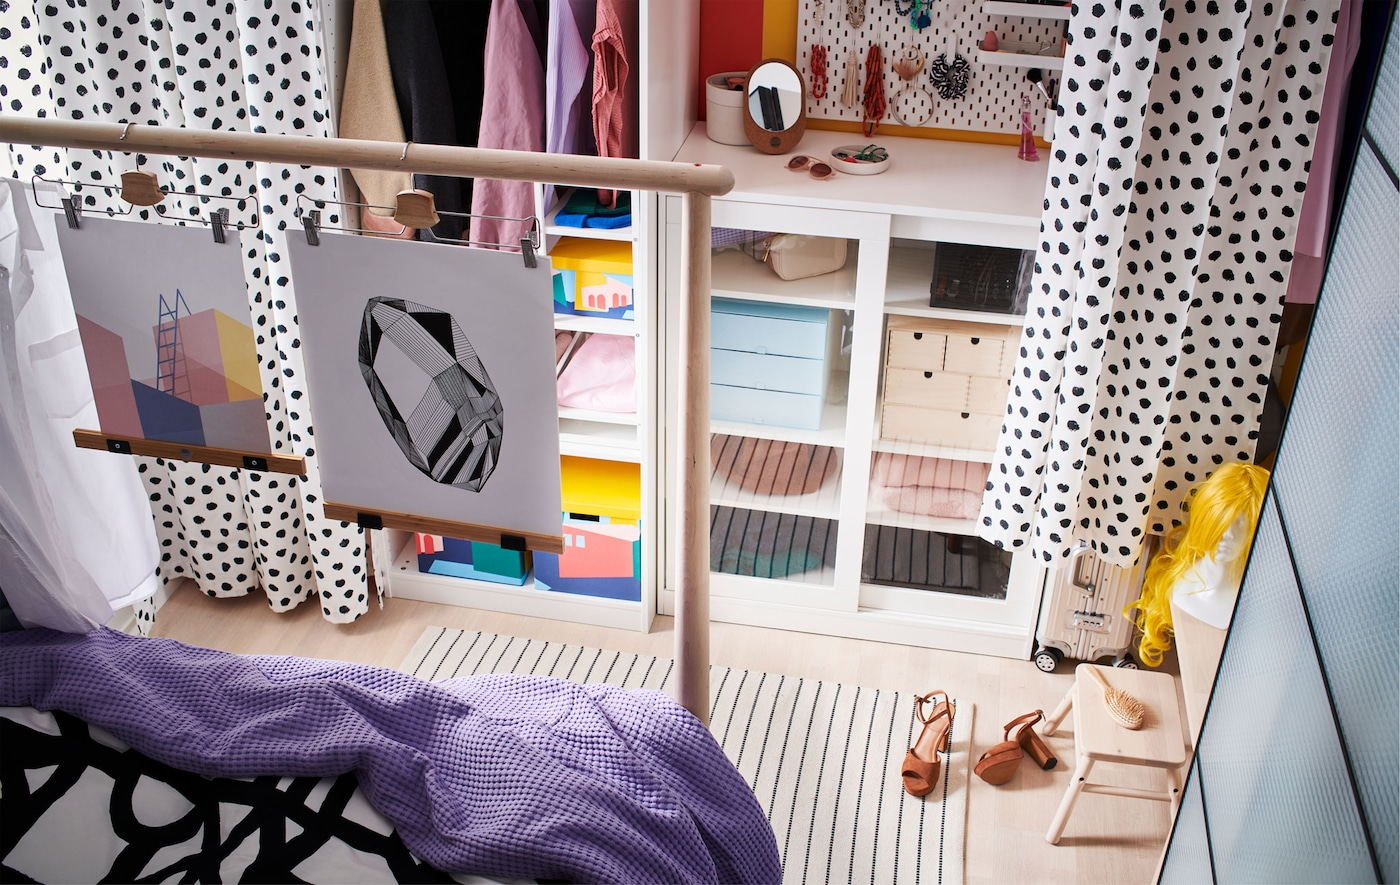 Come Costruire Una Cabina Armadio Ikea.Crea Una Cabina Armadio In Camera Da Letto Ikea It